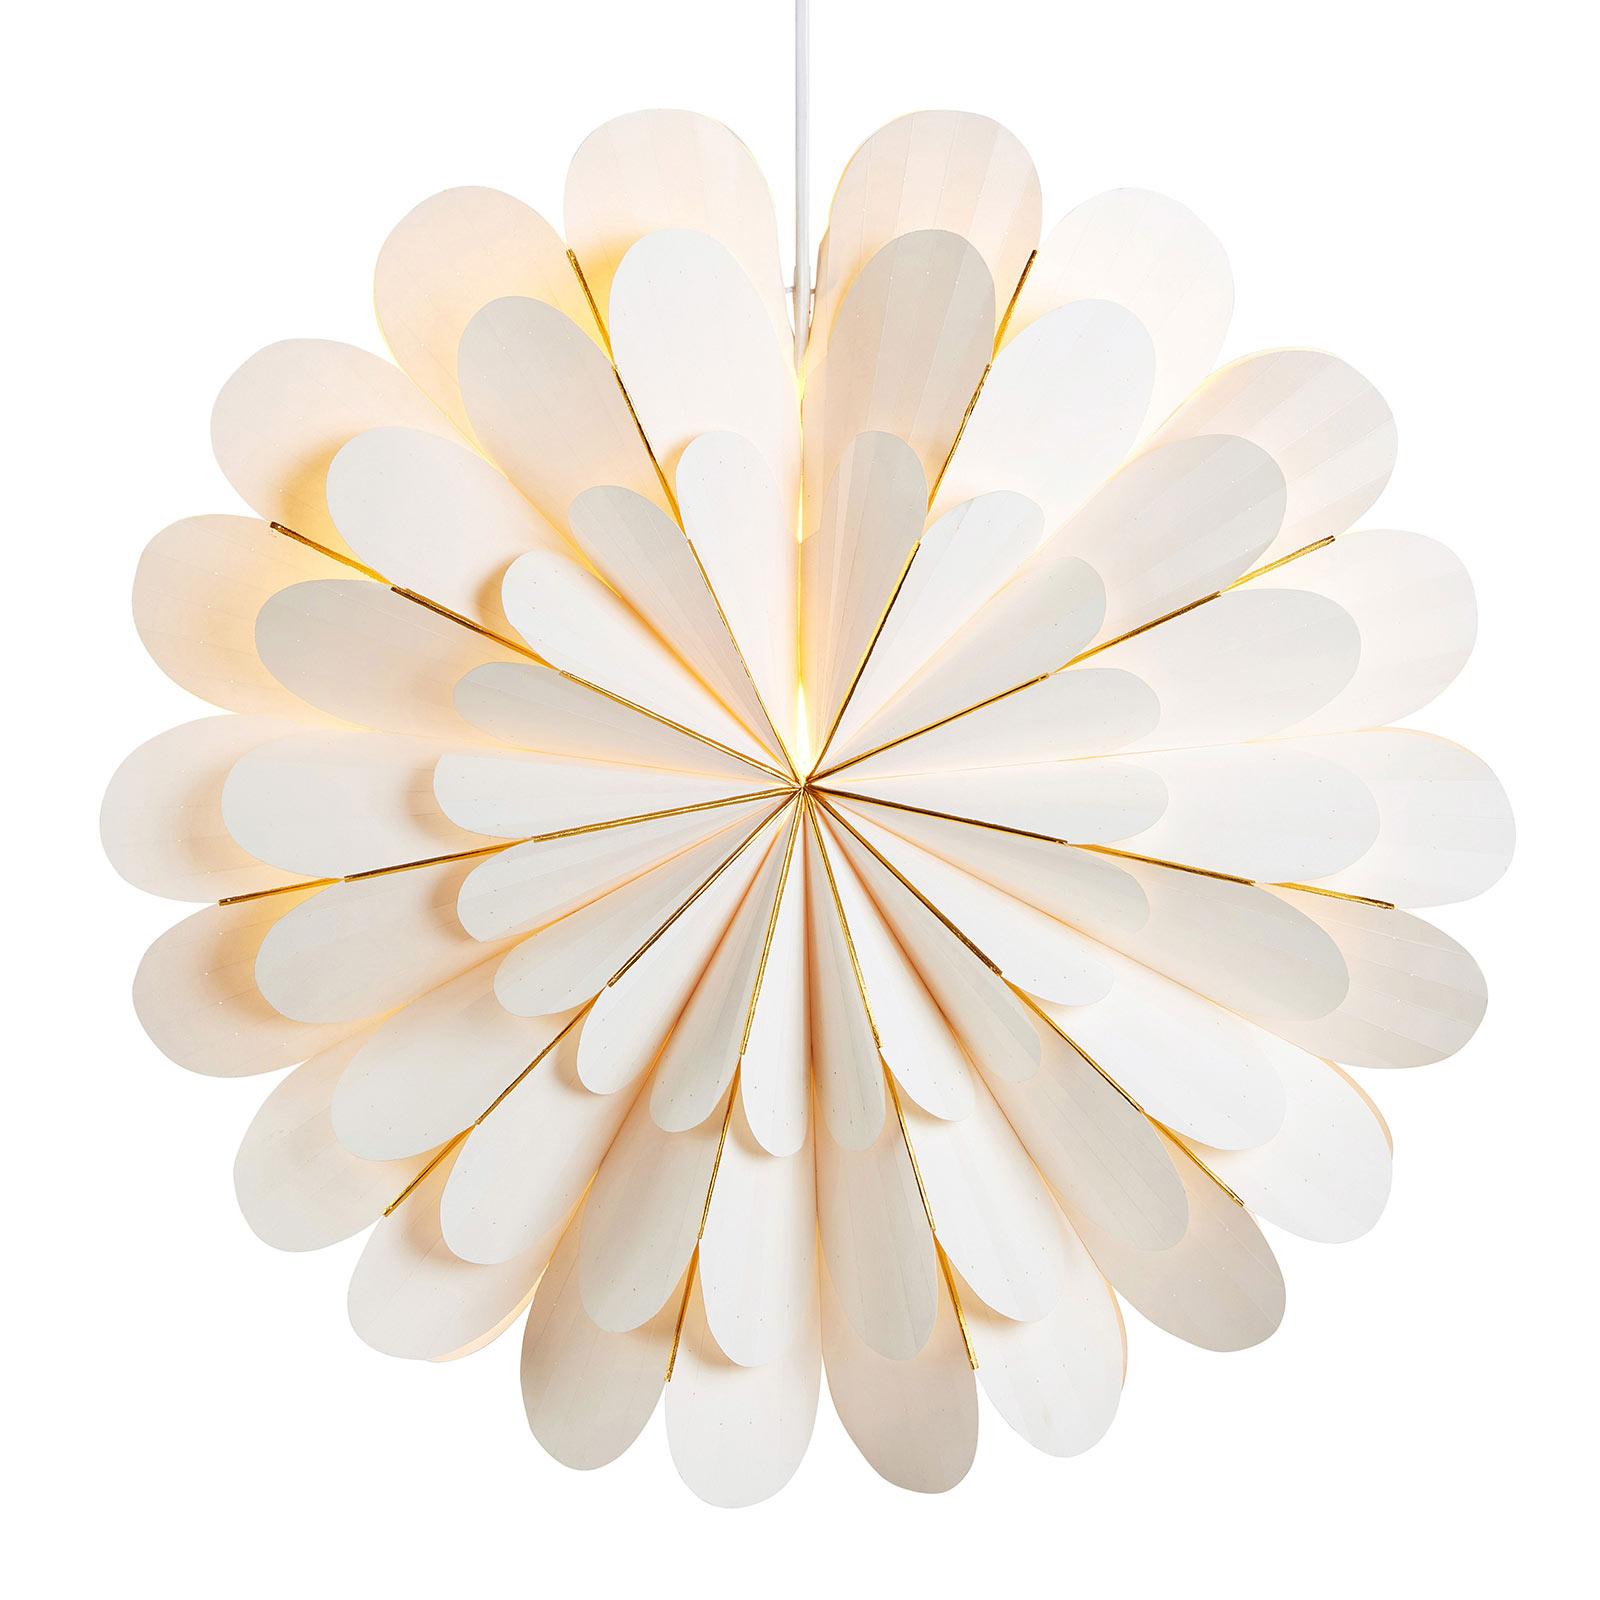 Marigold dekostjerne som hængelampe, hvid